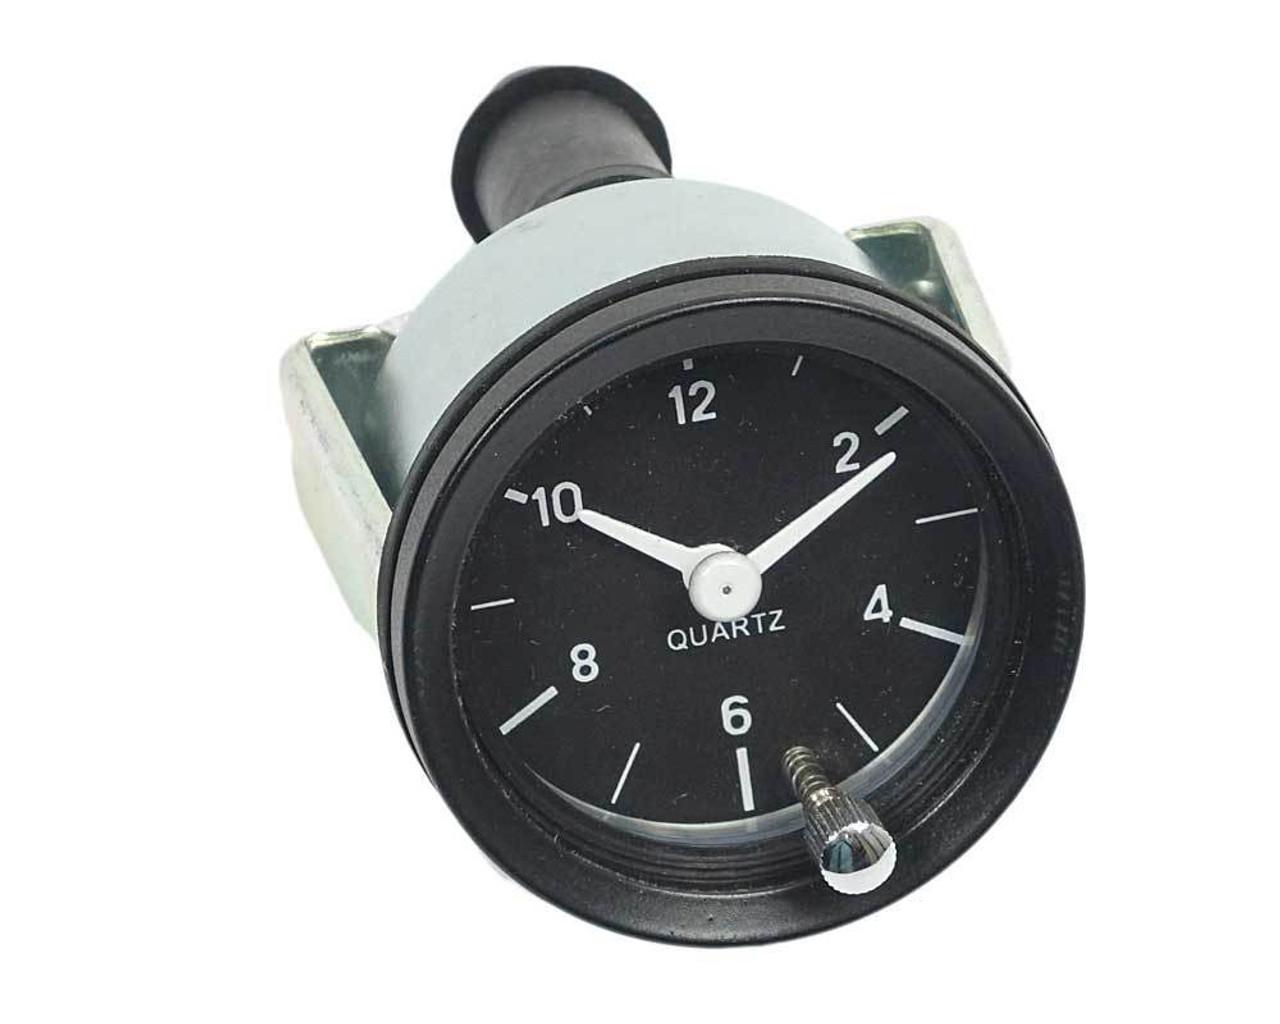 New Replica Clock - Auto Ricambi Special